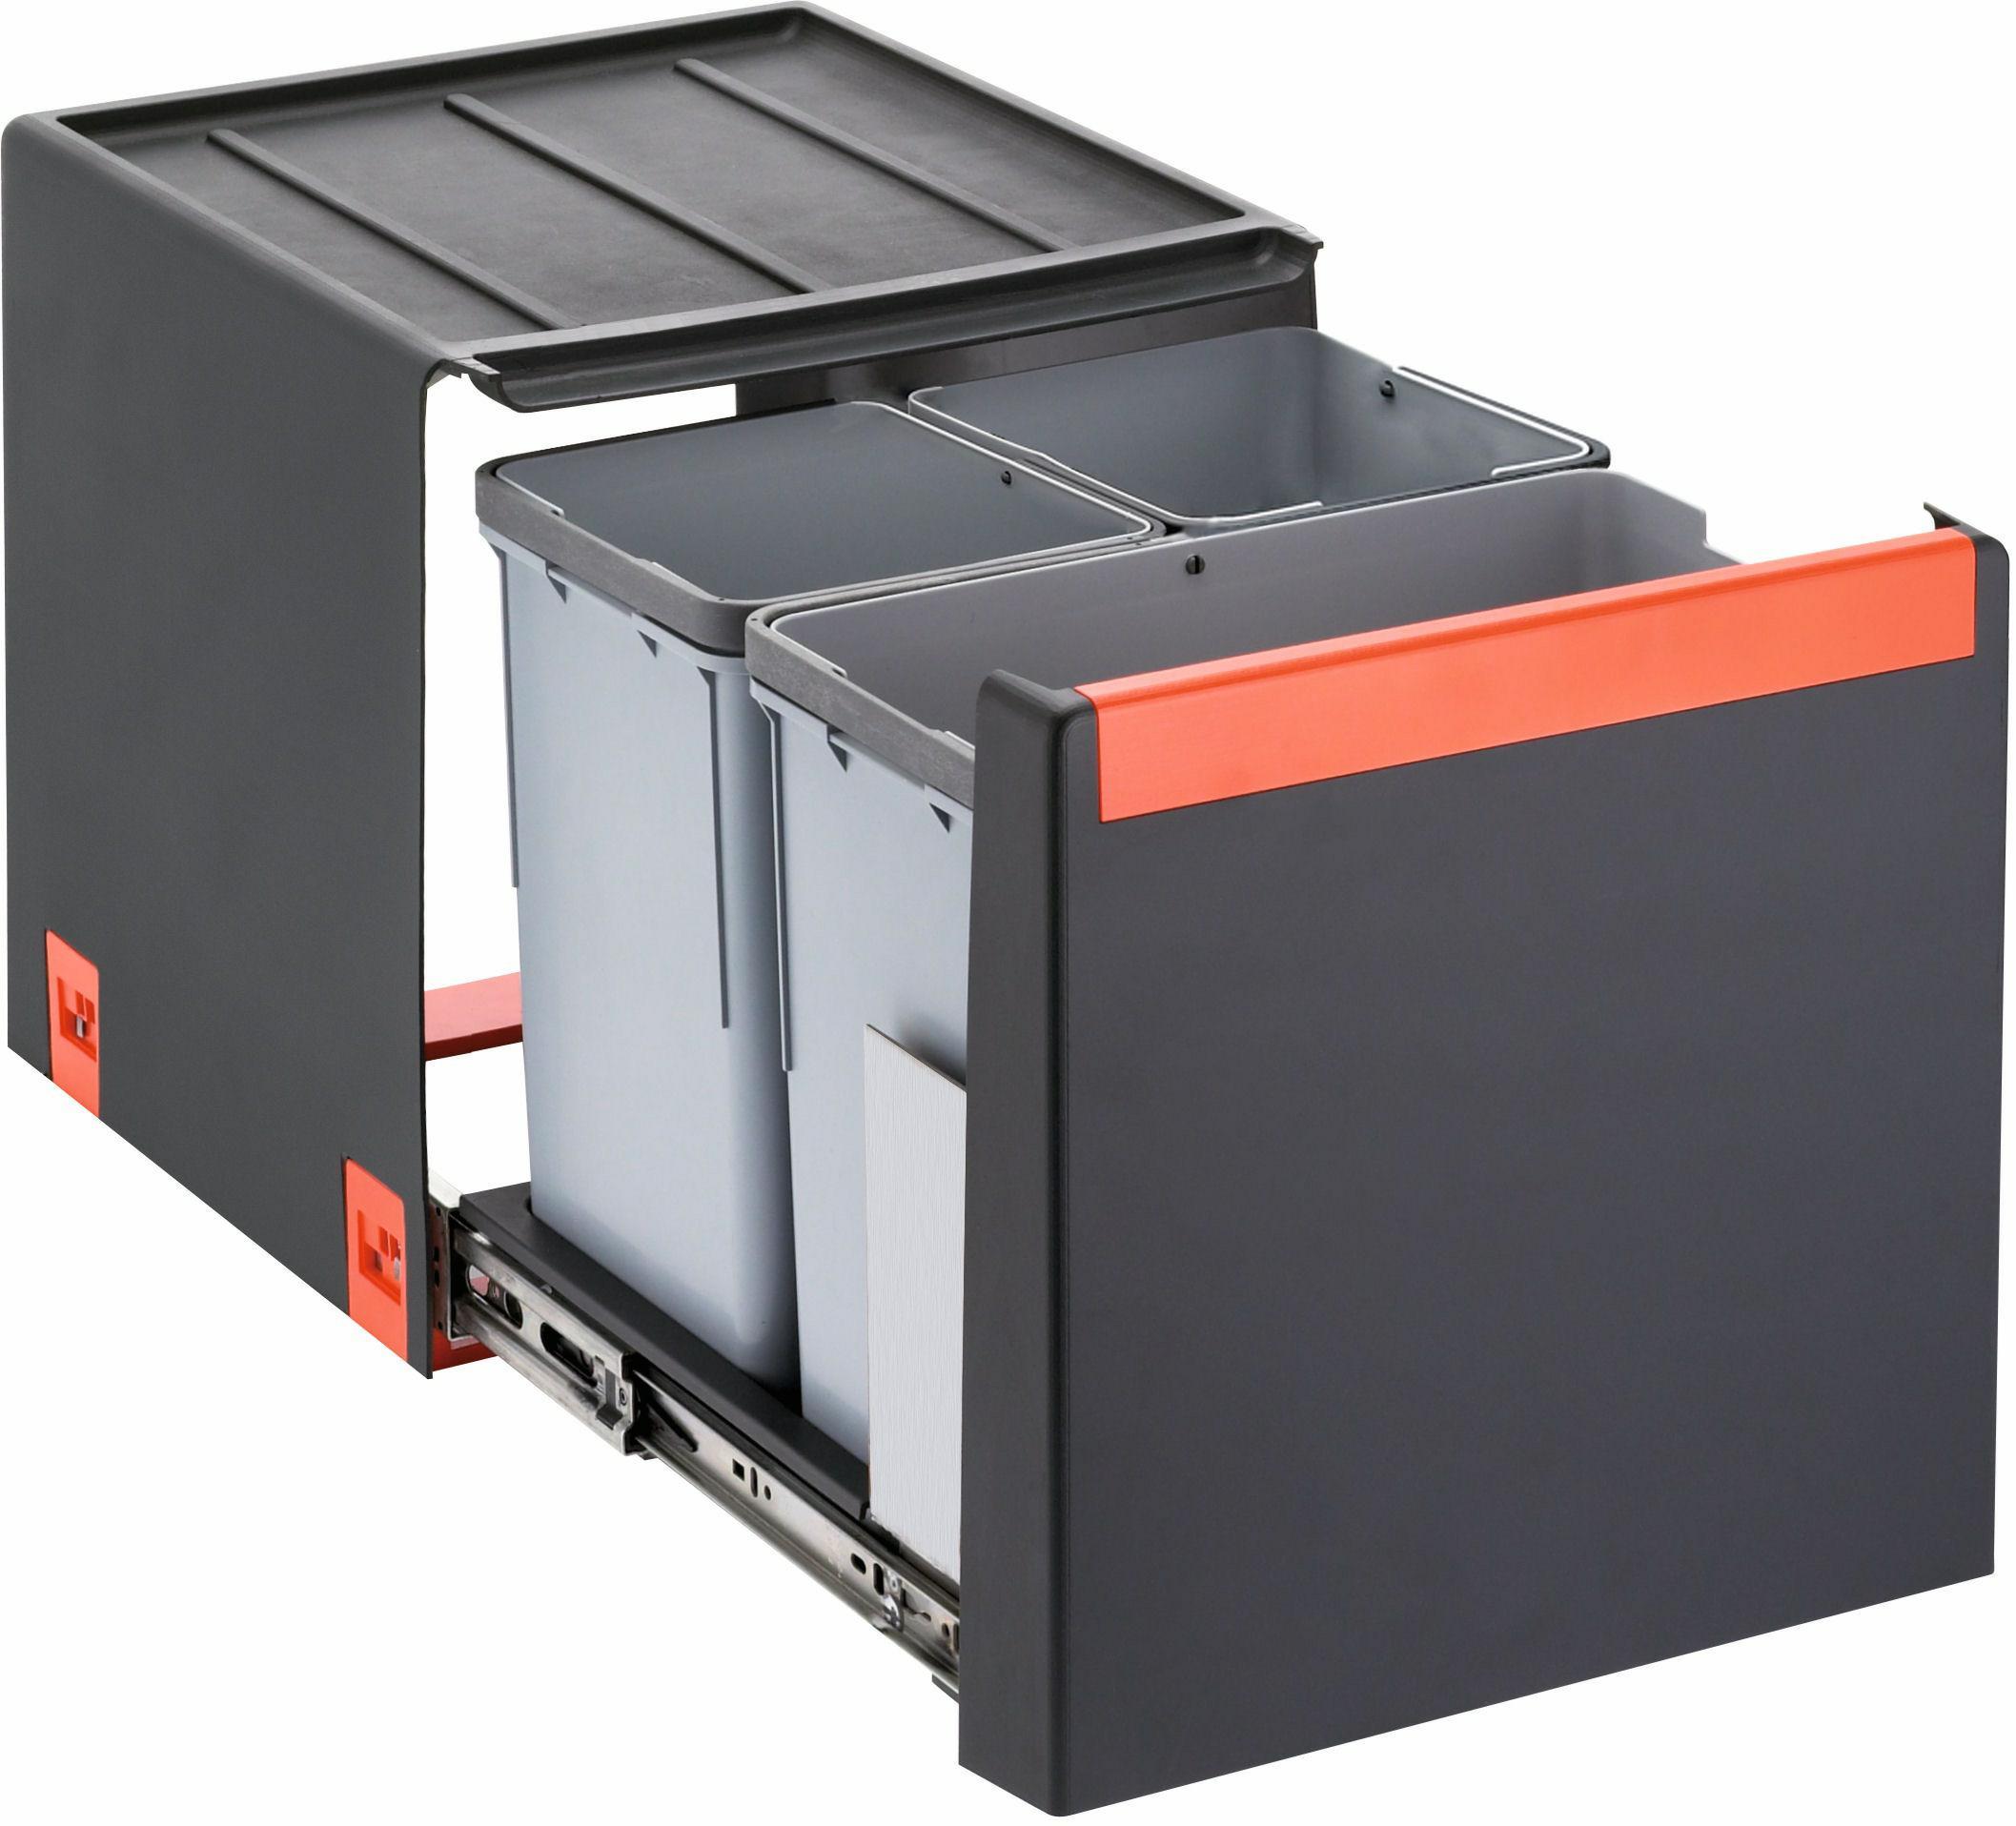 afvalemmer sorter Franke Toebehoren C40H403 afvalemmer sorter C 40H403 C 40 H 403